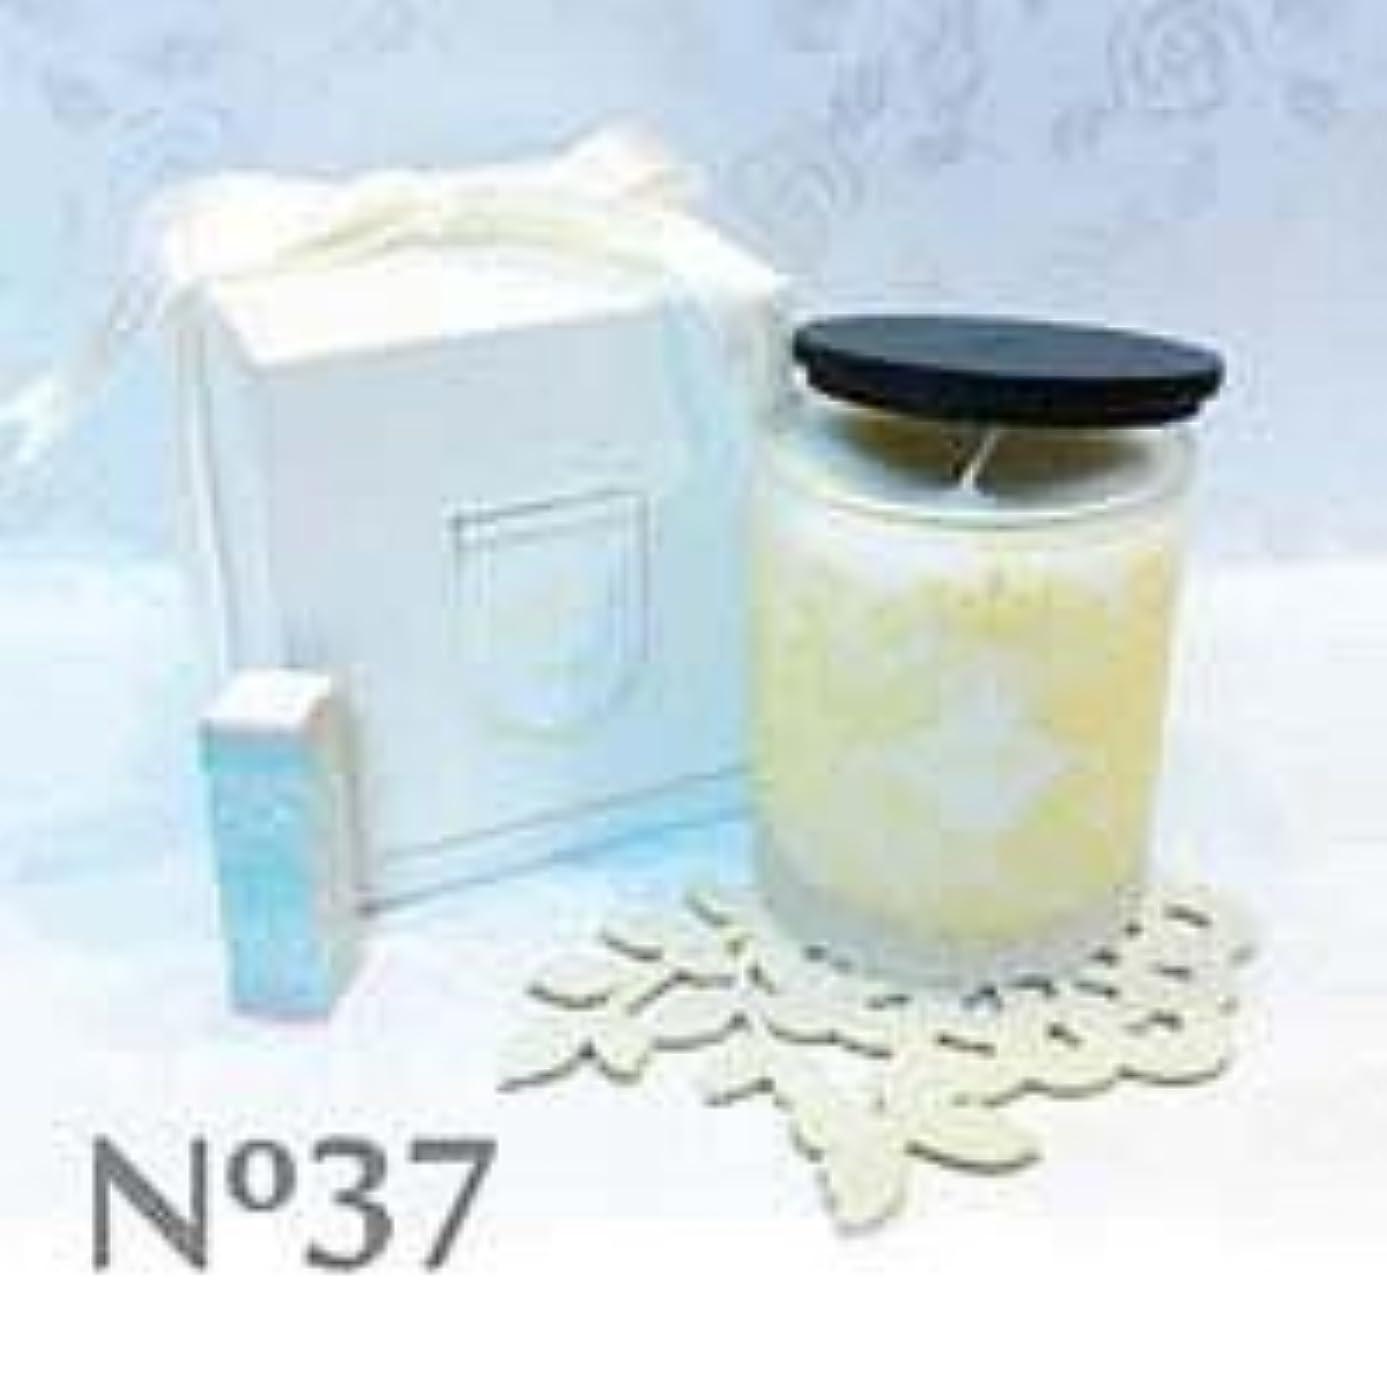 壊すそれぞれ拒否アロマキャンドル parfum No.37